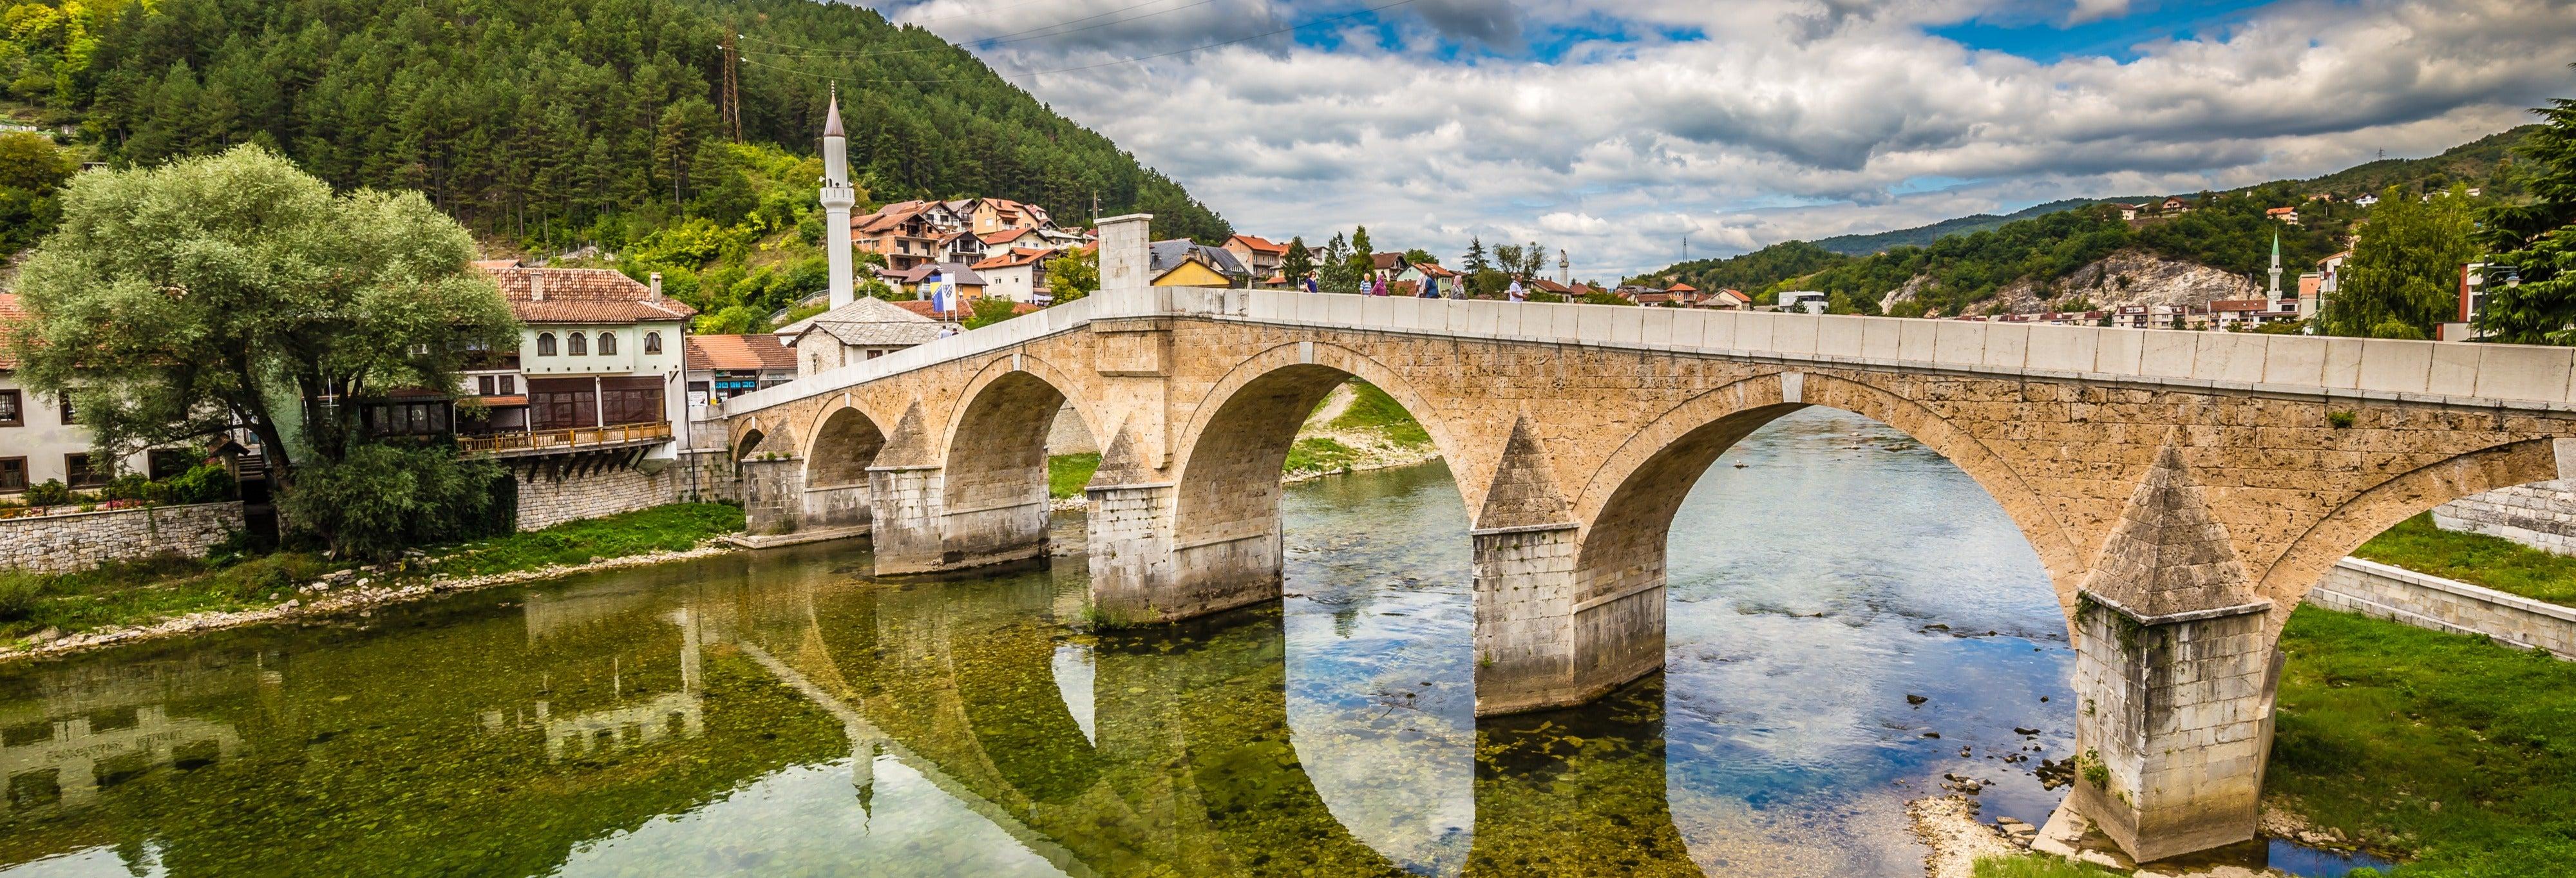 Excursão a Konjic, Radimlja e Počitelj